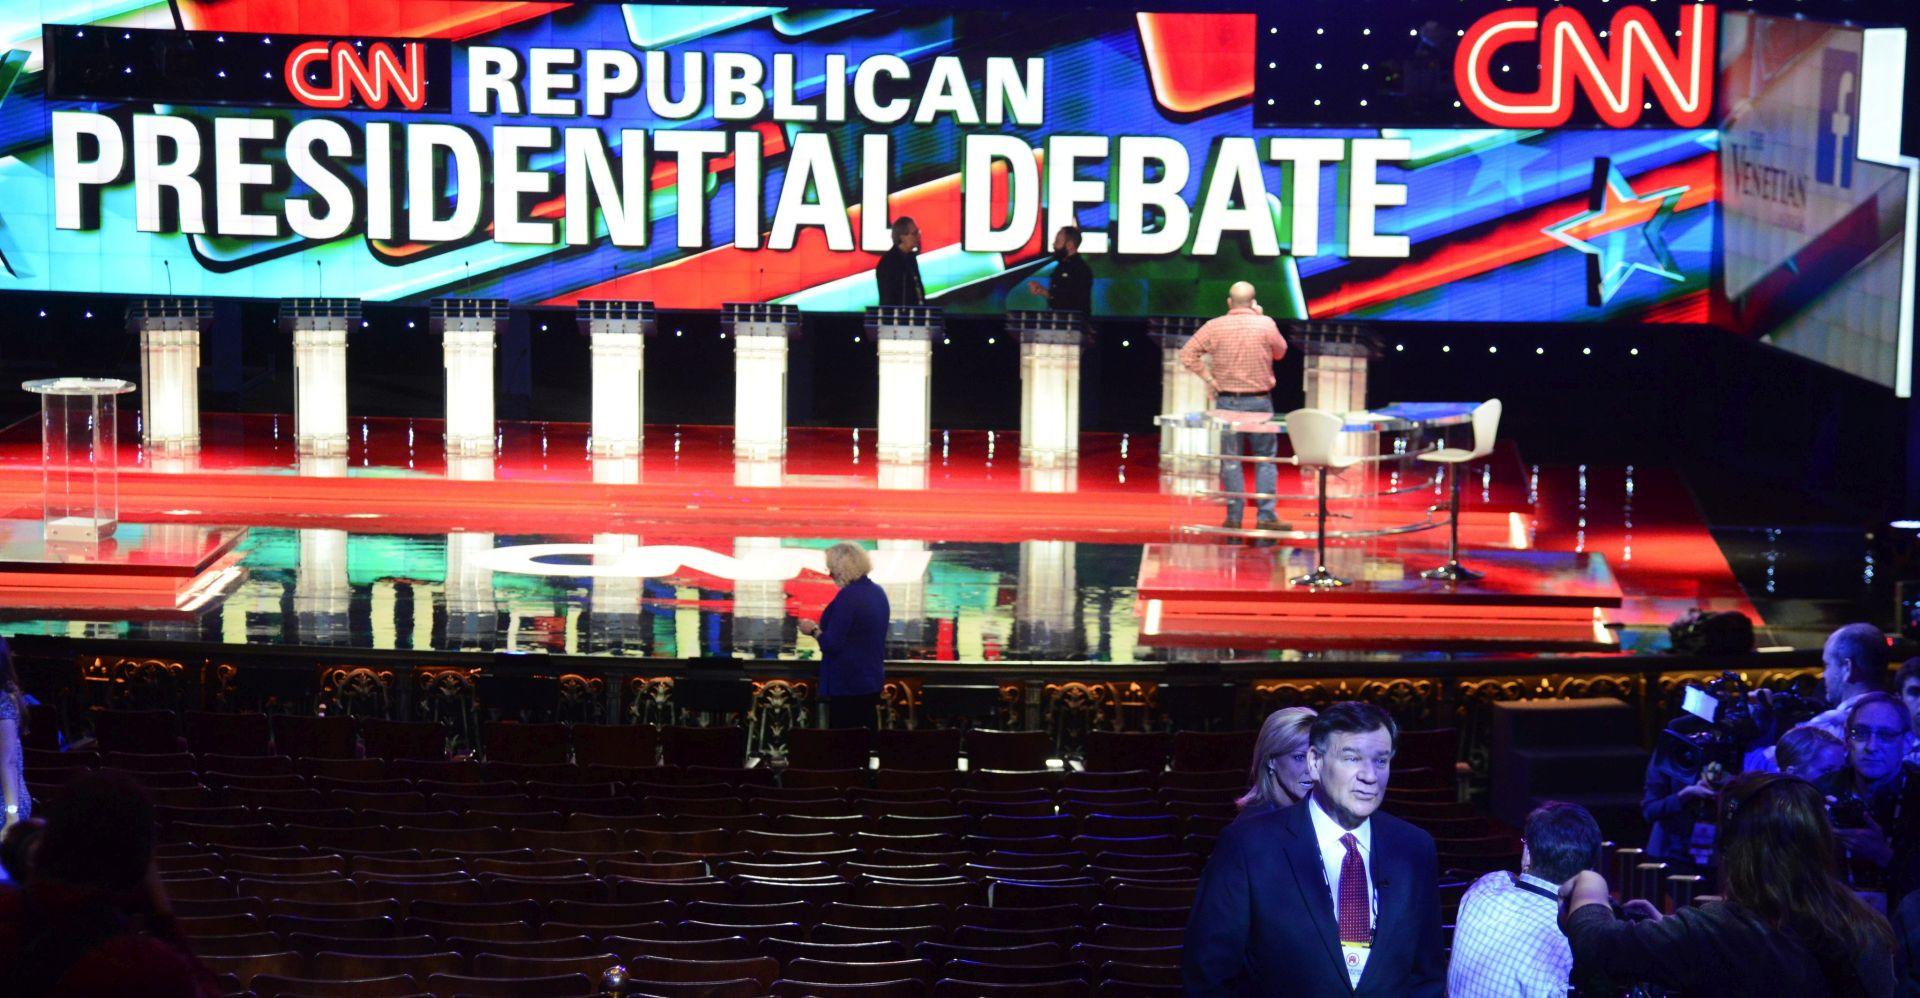 Republikanski predizbori u SAD-u: Rat protiv džihadista u središtu rasprave